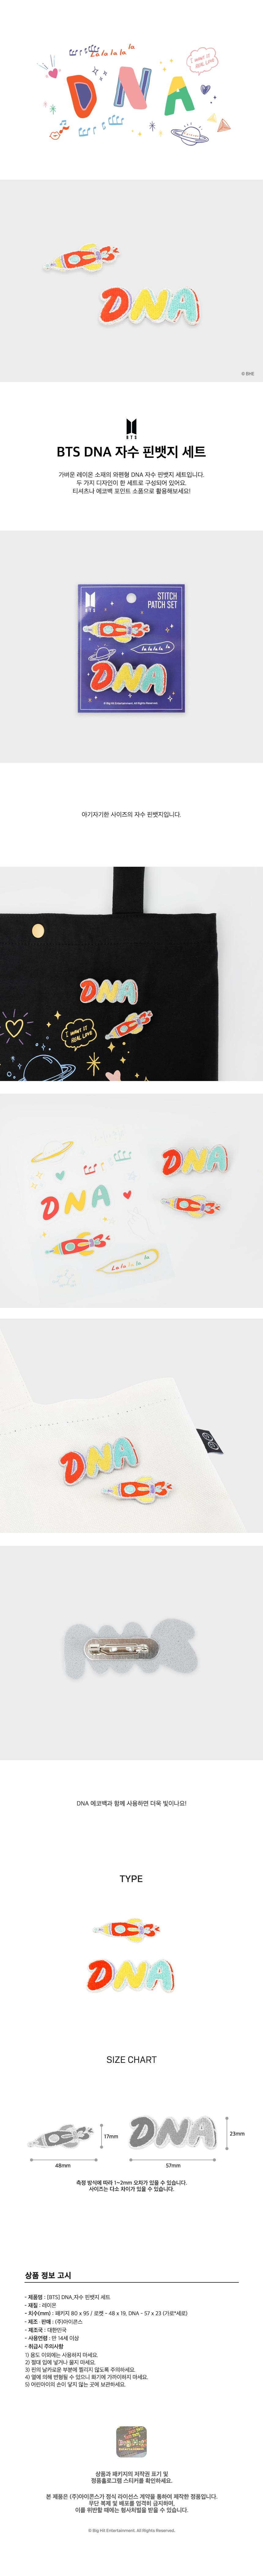 [BTS] DNA Embroidered Pin Badge Set -holiholic.com